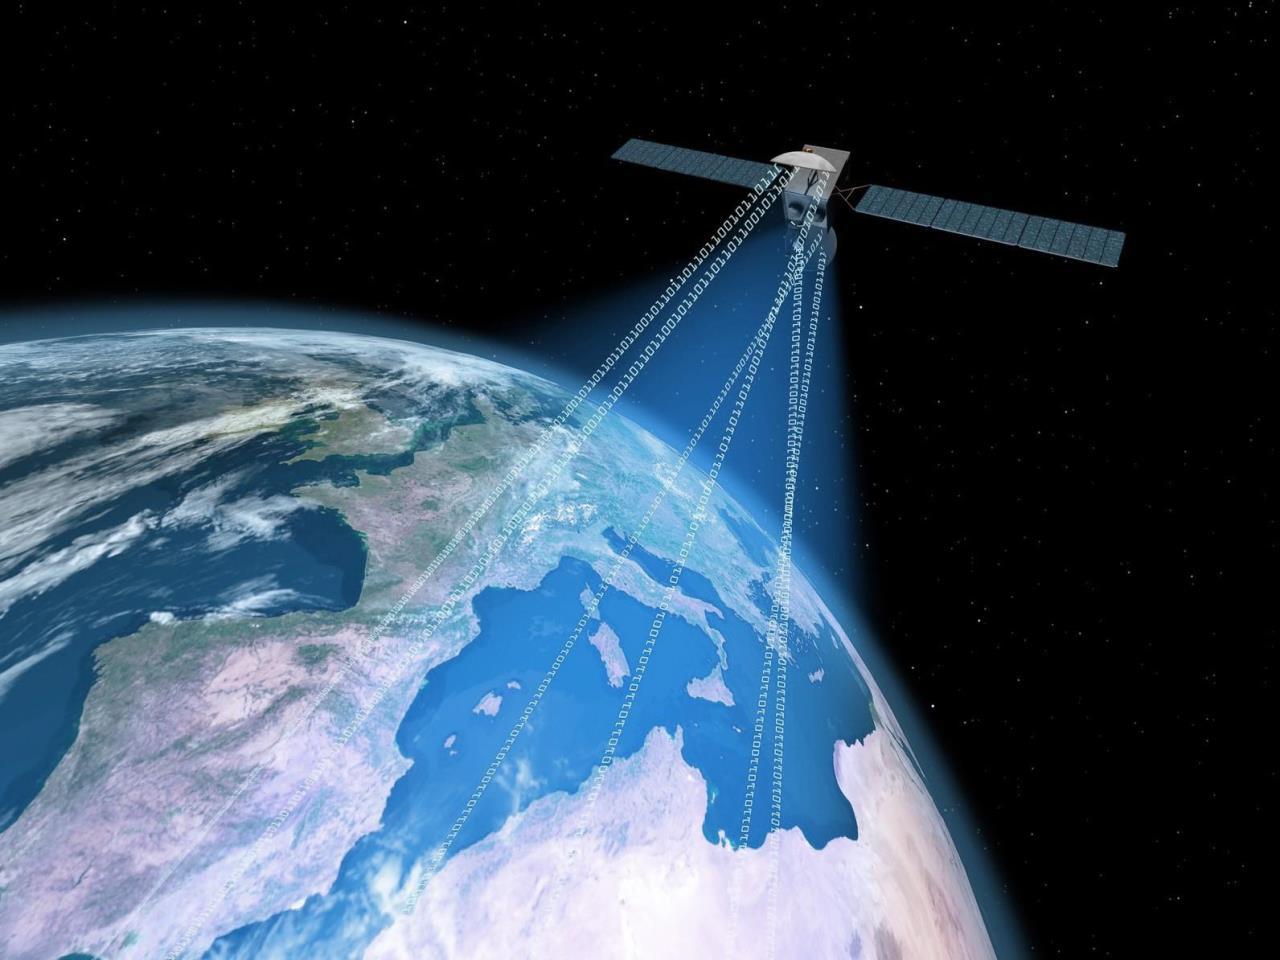 спутниковая система картинки так тщательно